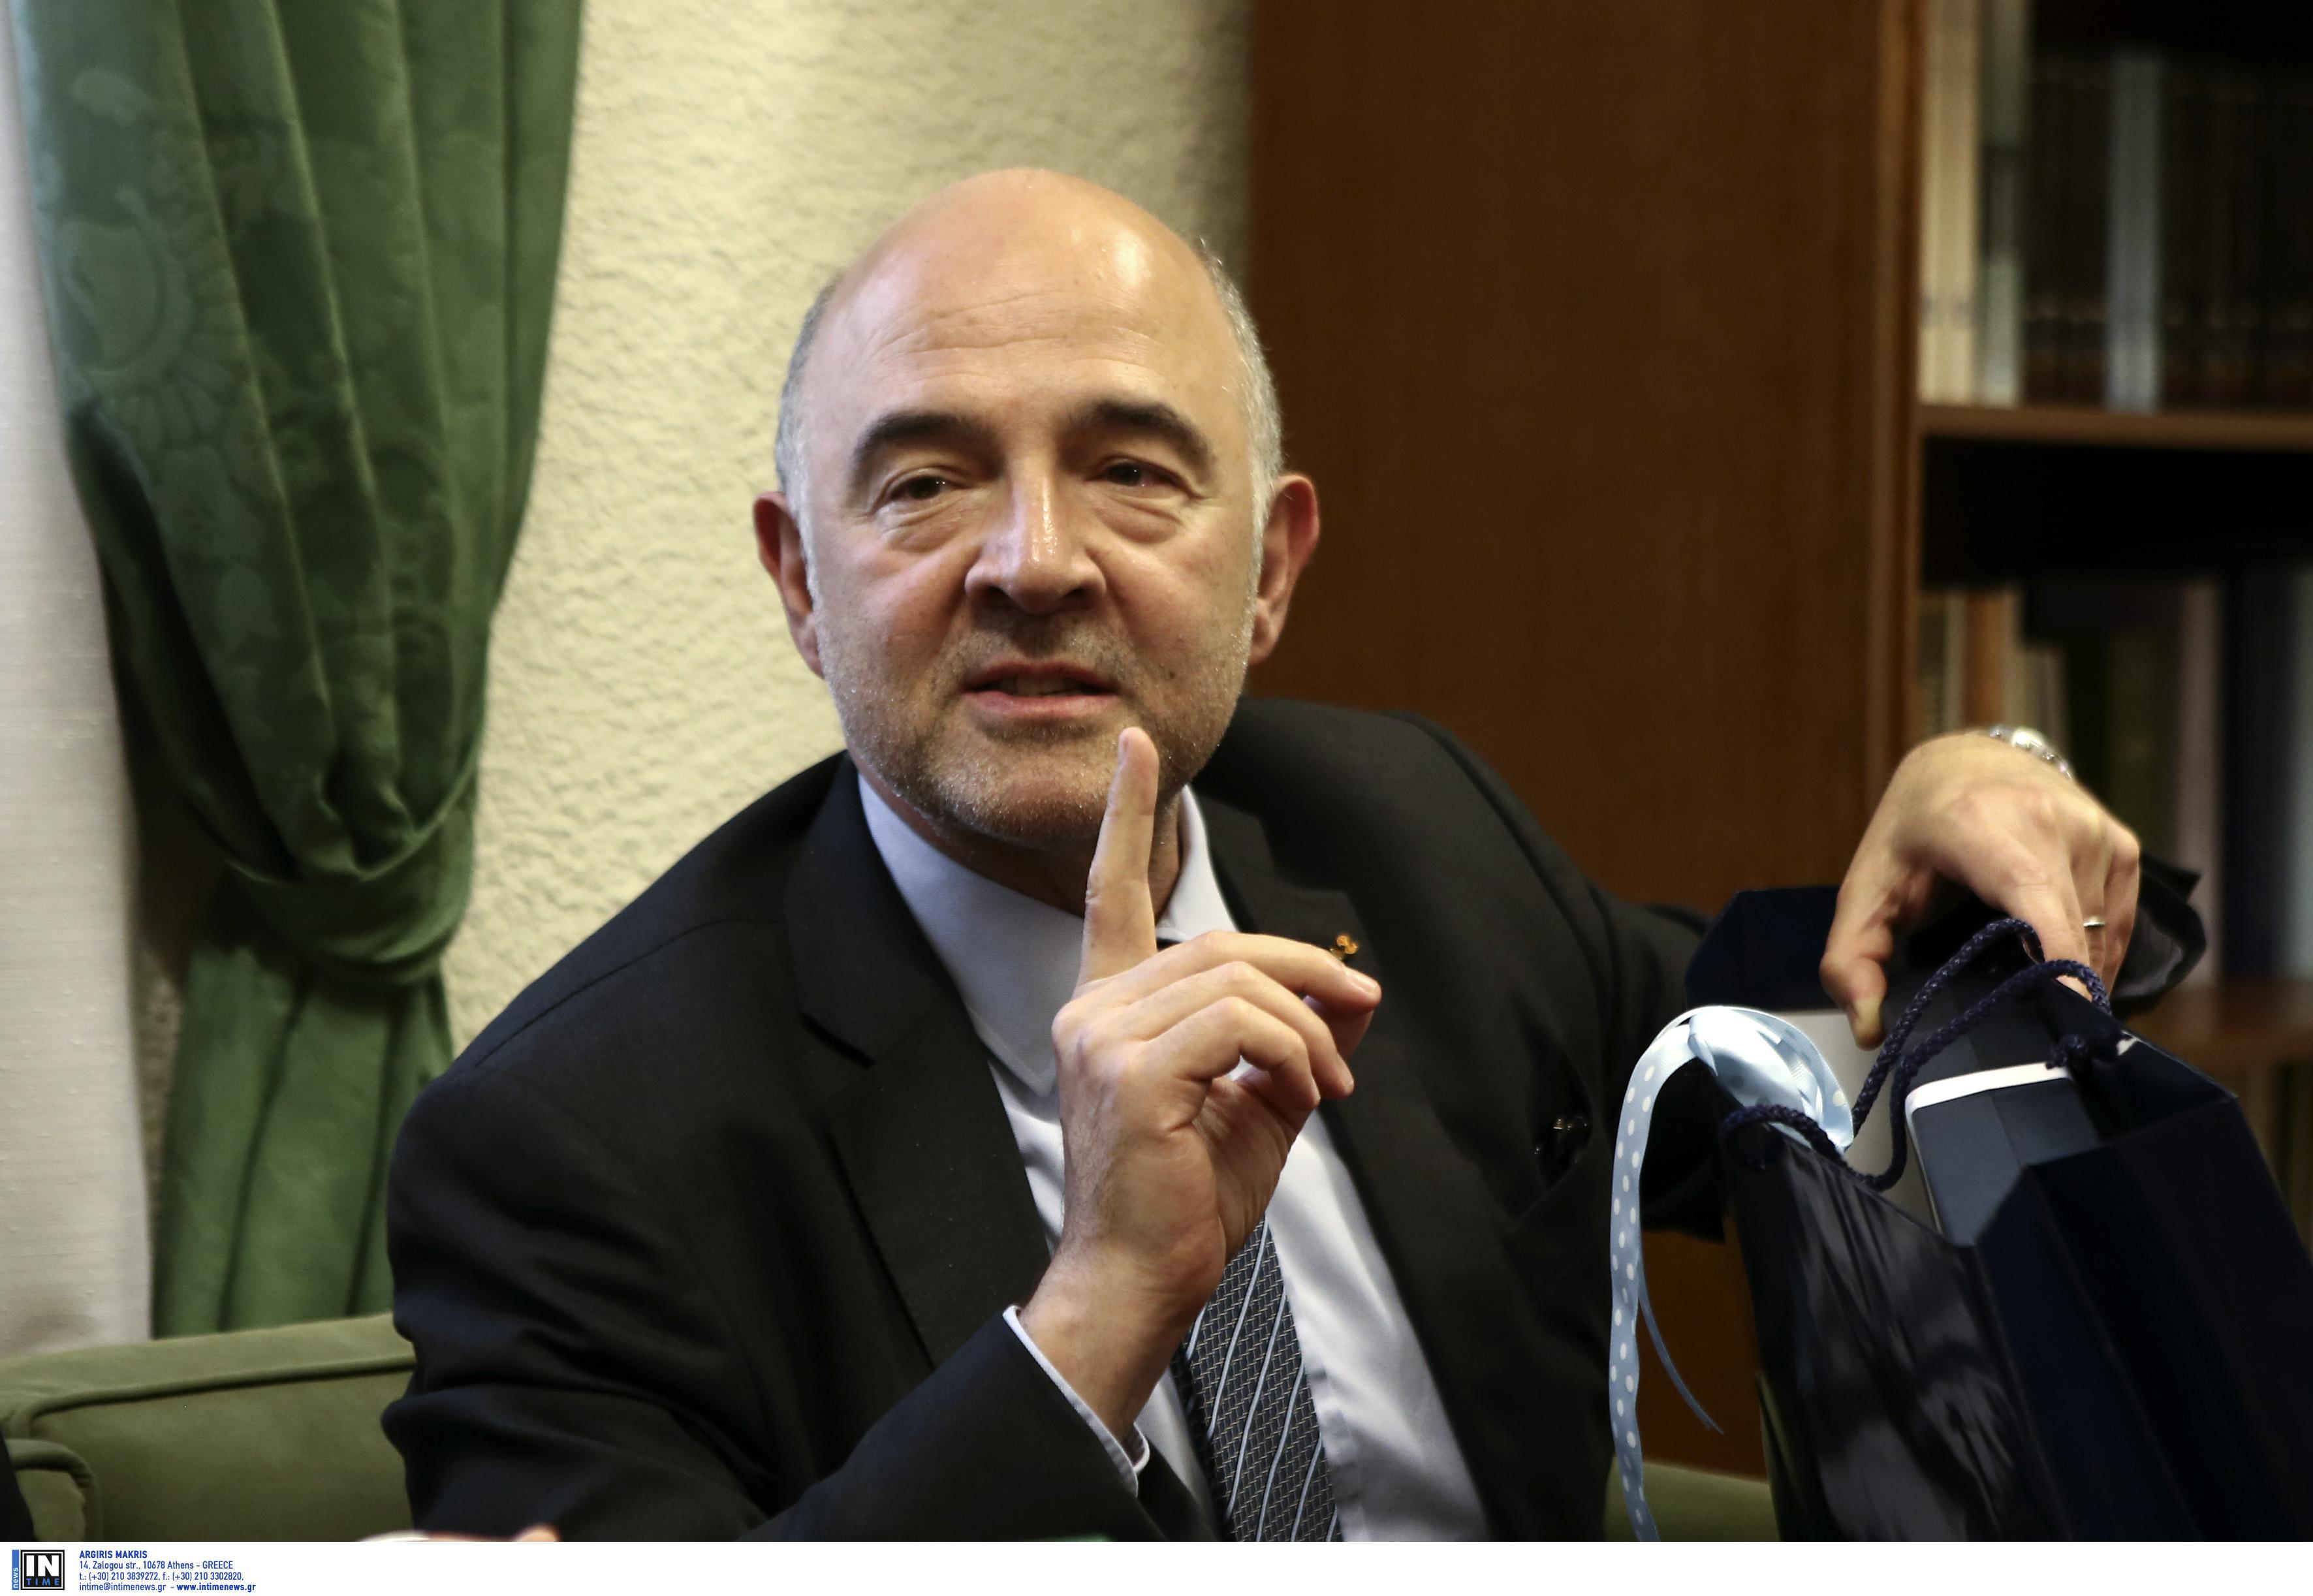 Μοσκοβισί: Μόνο το Eurogroup μπορεί να αλλάξει την απόφαση για το πλεόνασμα 3,5%